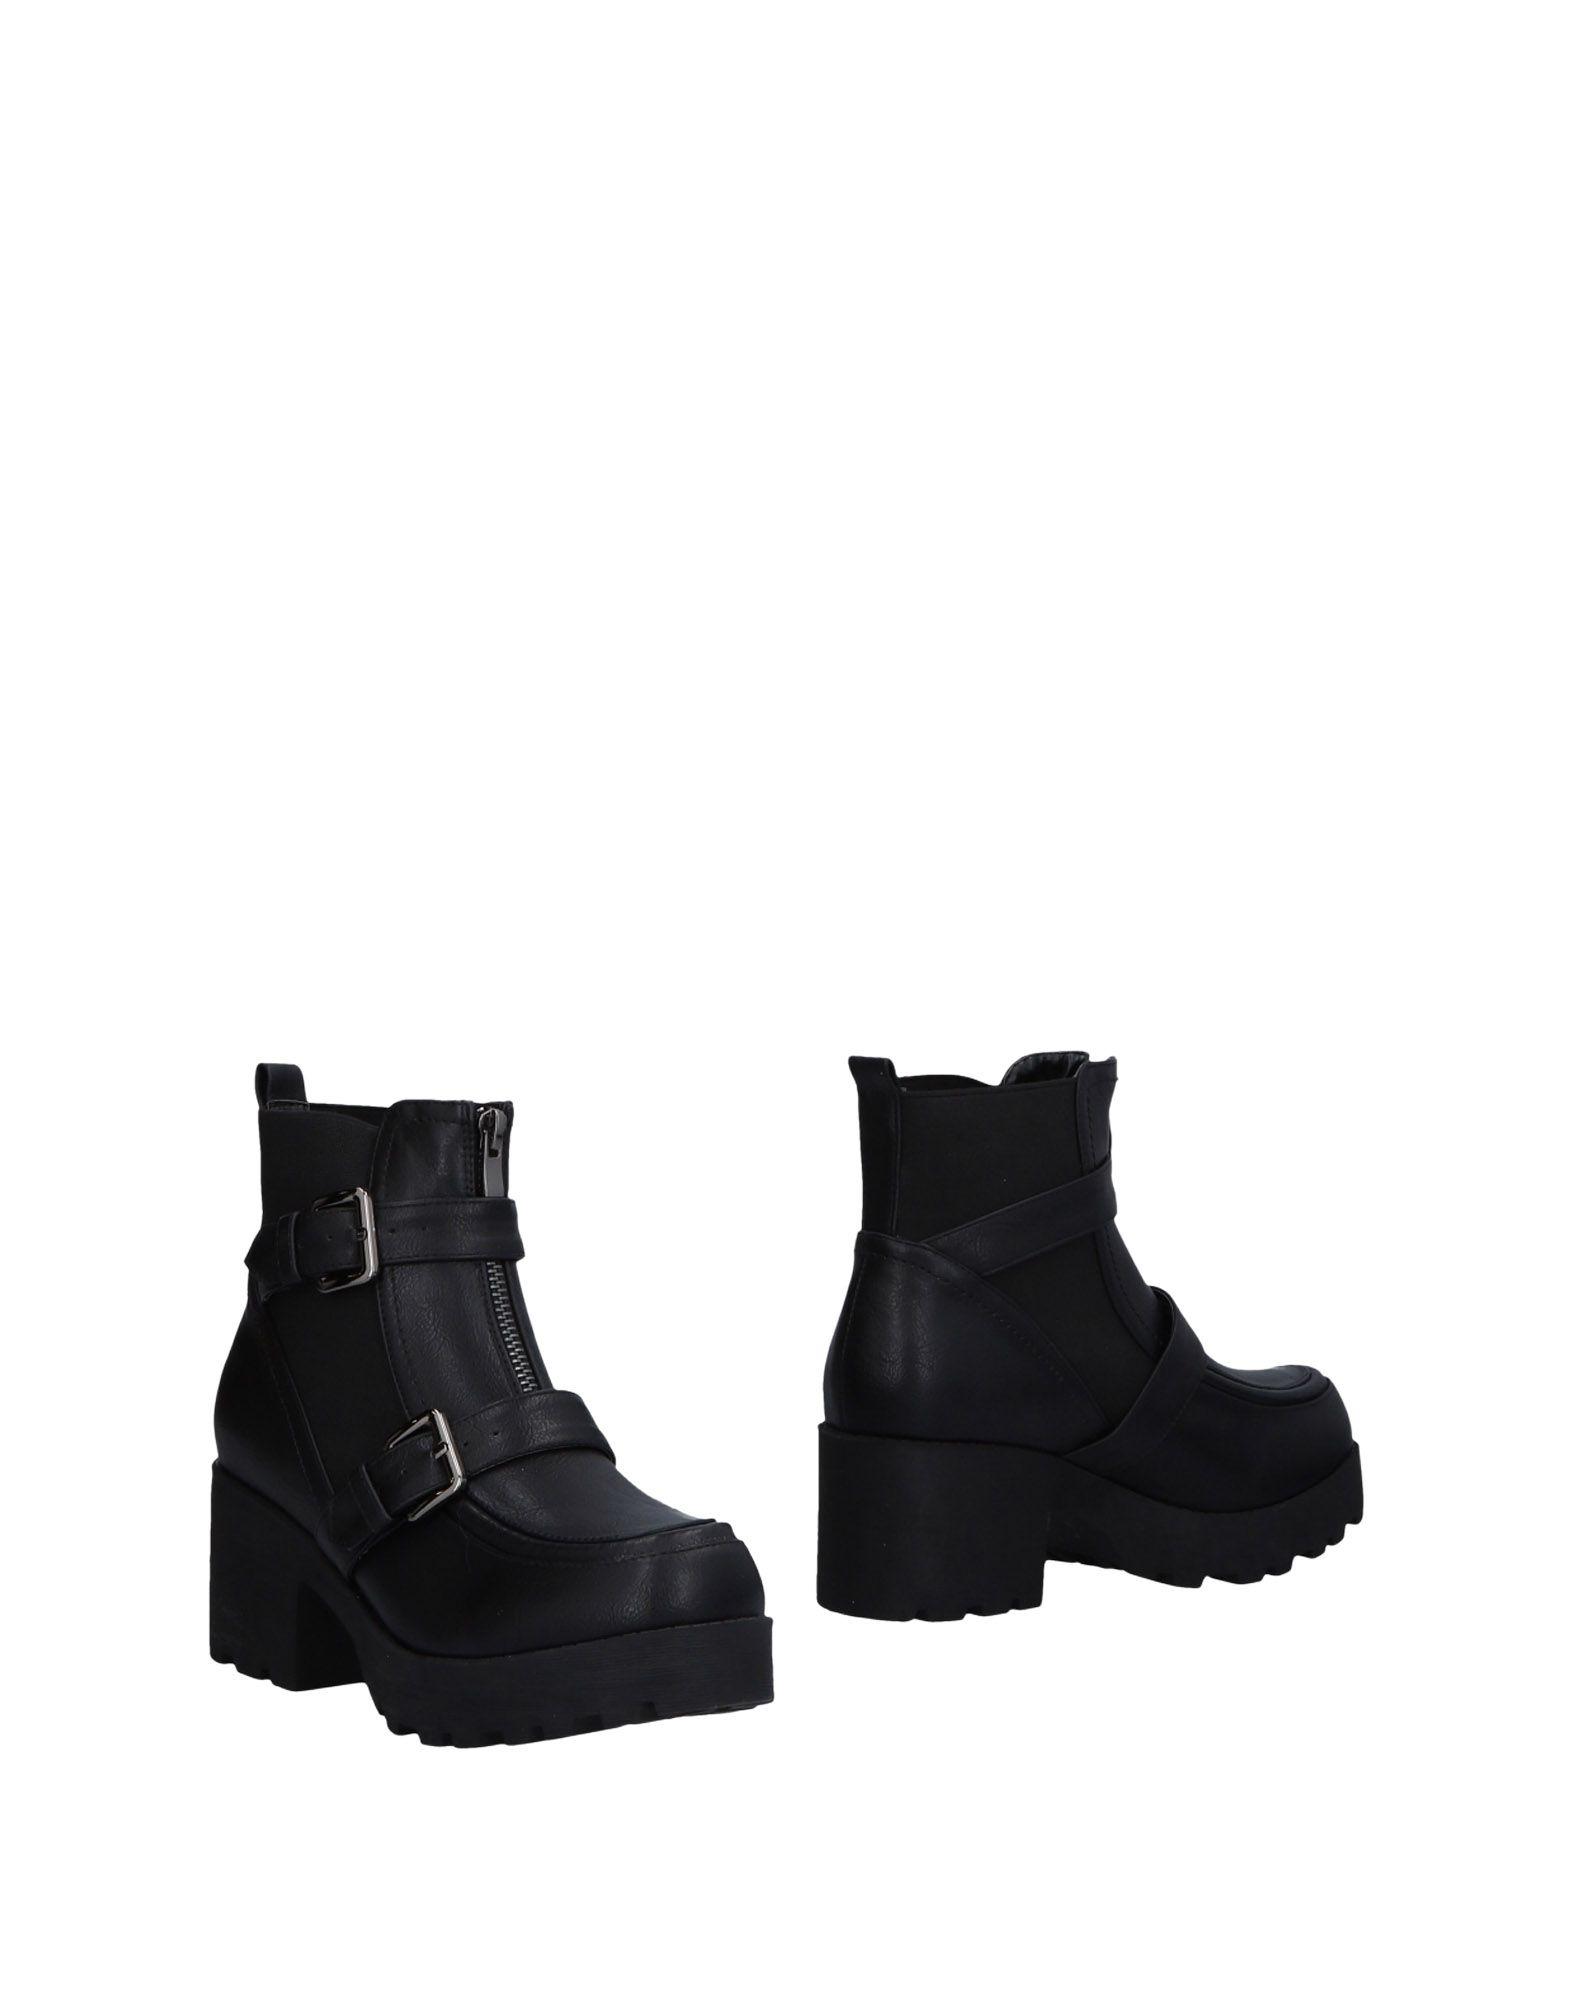 Police 883 Stiefelette Qualität Damen  11476146VU Gute Qualität Stiefelette beliebte Schuhe ce15d4